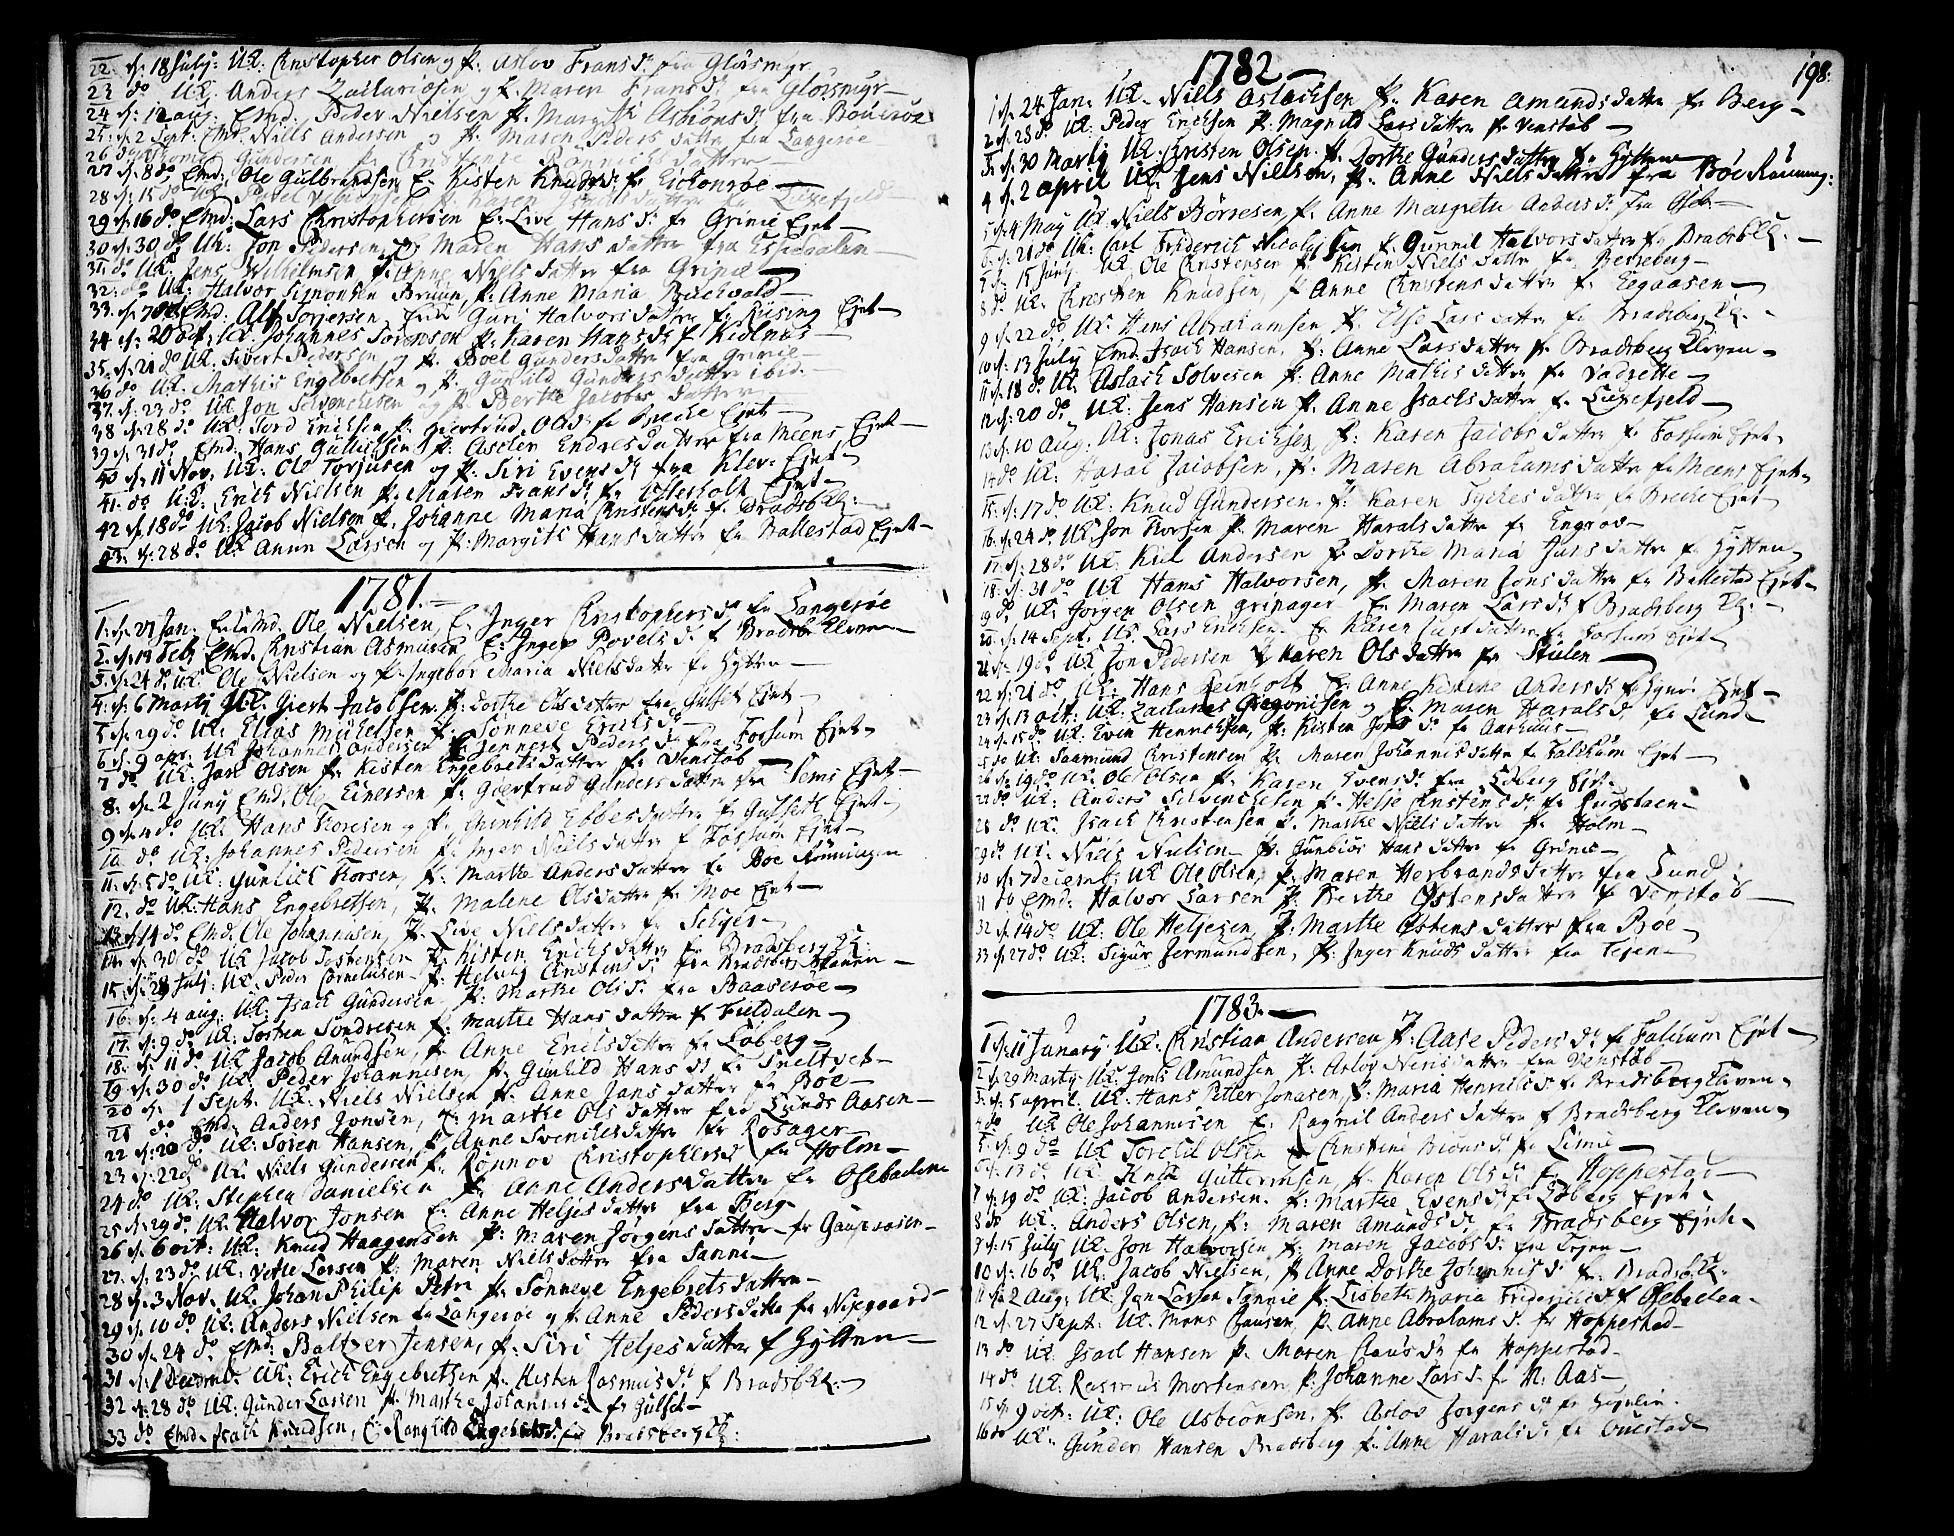 SAKO, Gjerpen kirkebøker, F/Fa/L0002: Ministerialbok nr. 2, 1747-1795, s. 198